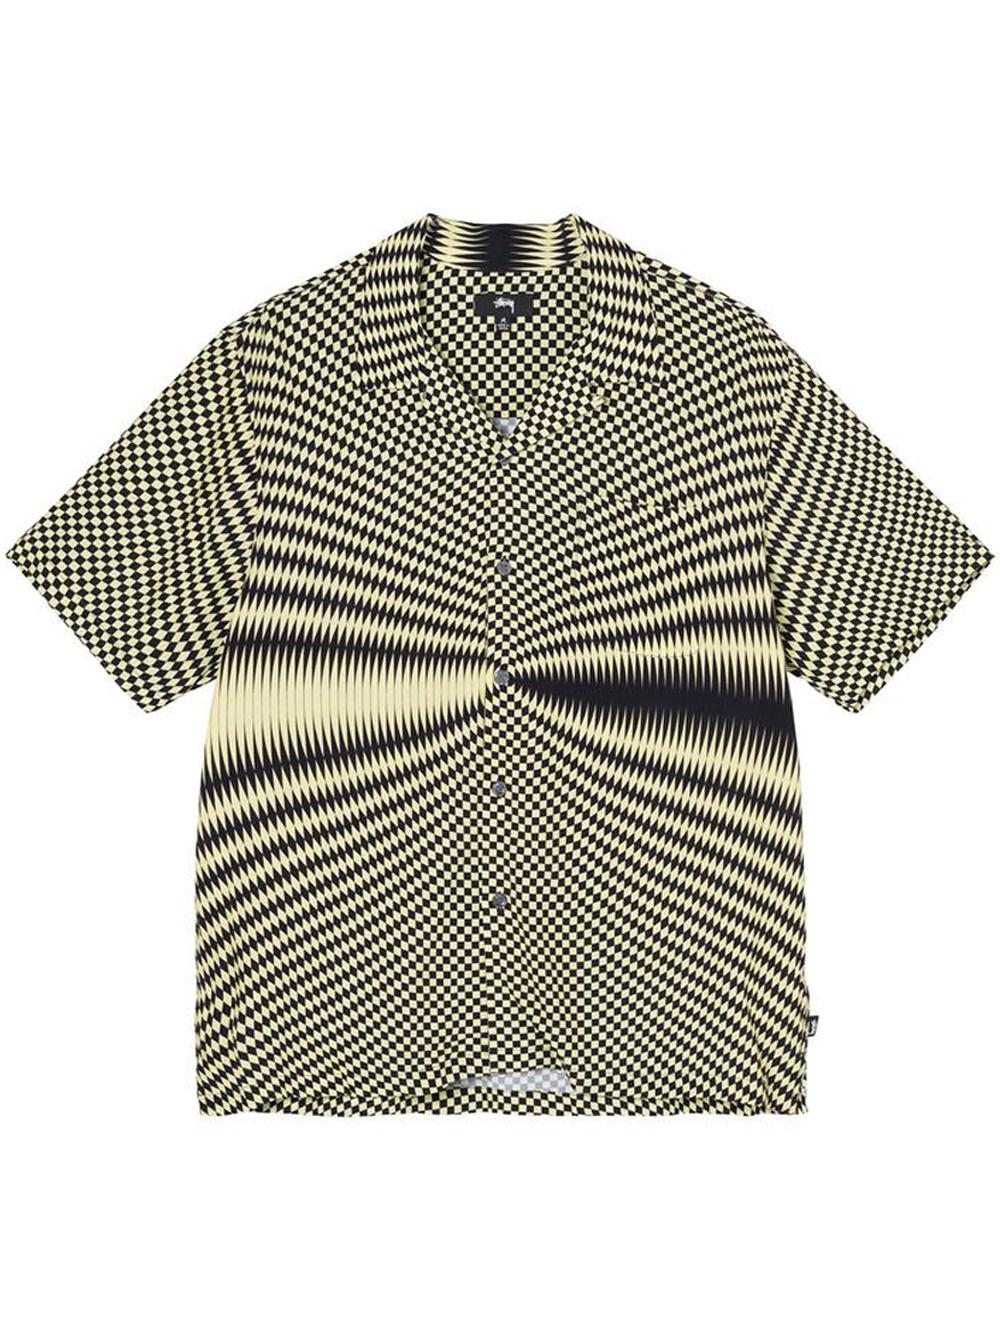 Camicia psichedelica Uomo Nera in Poliestere STUSSY   Camicie   1110165BLACK